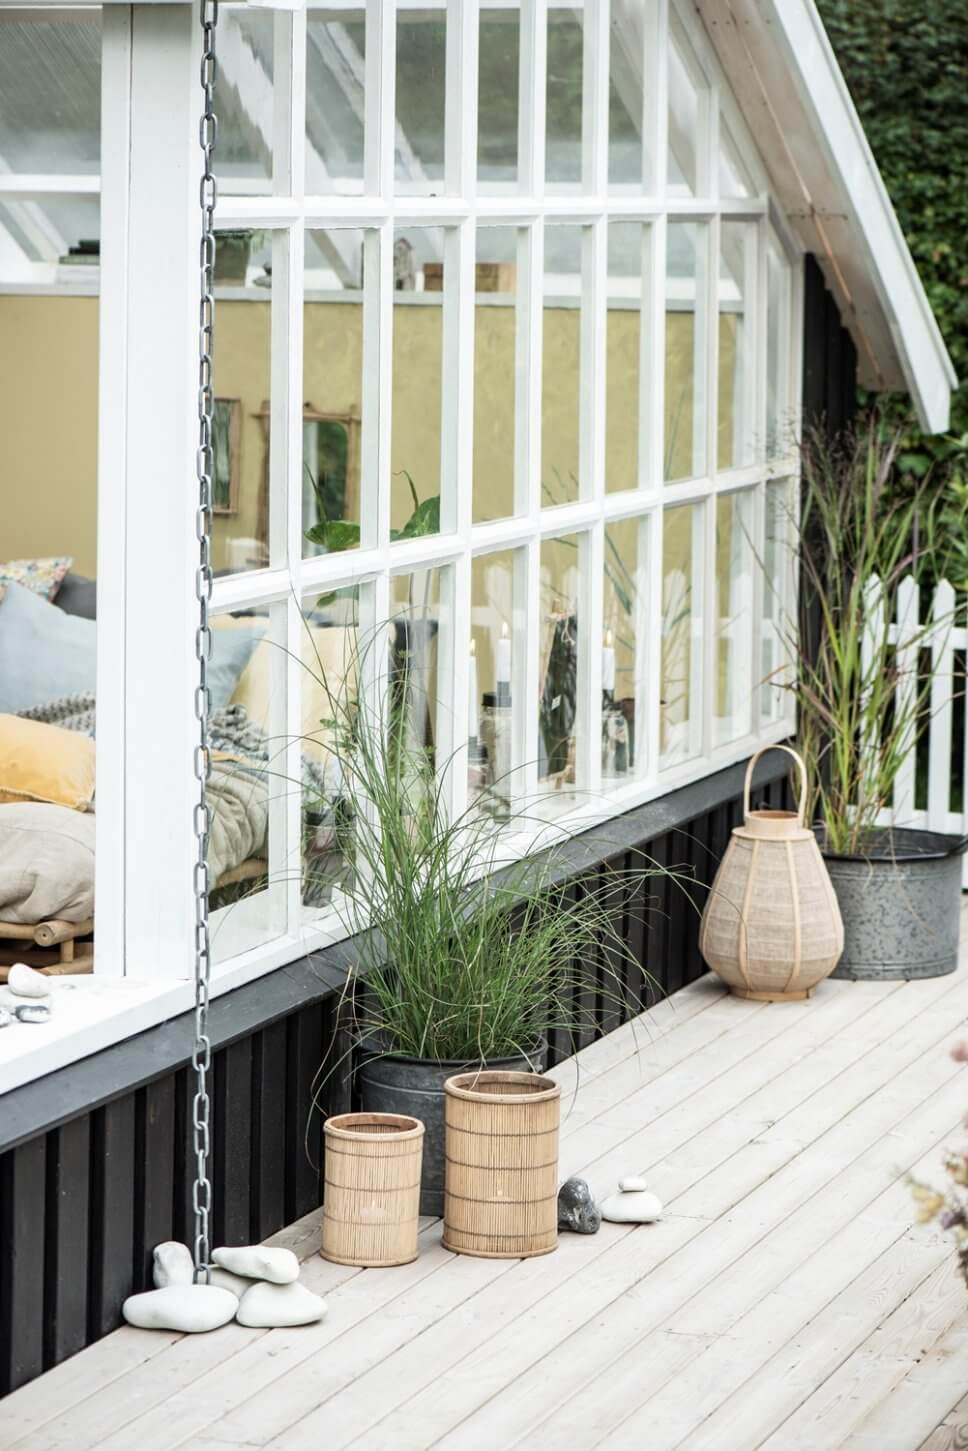 Blick durch Sprossenfenster in gemütlich eingerichtetes Schlafzimmer in skandinavischem Ferienhaus